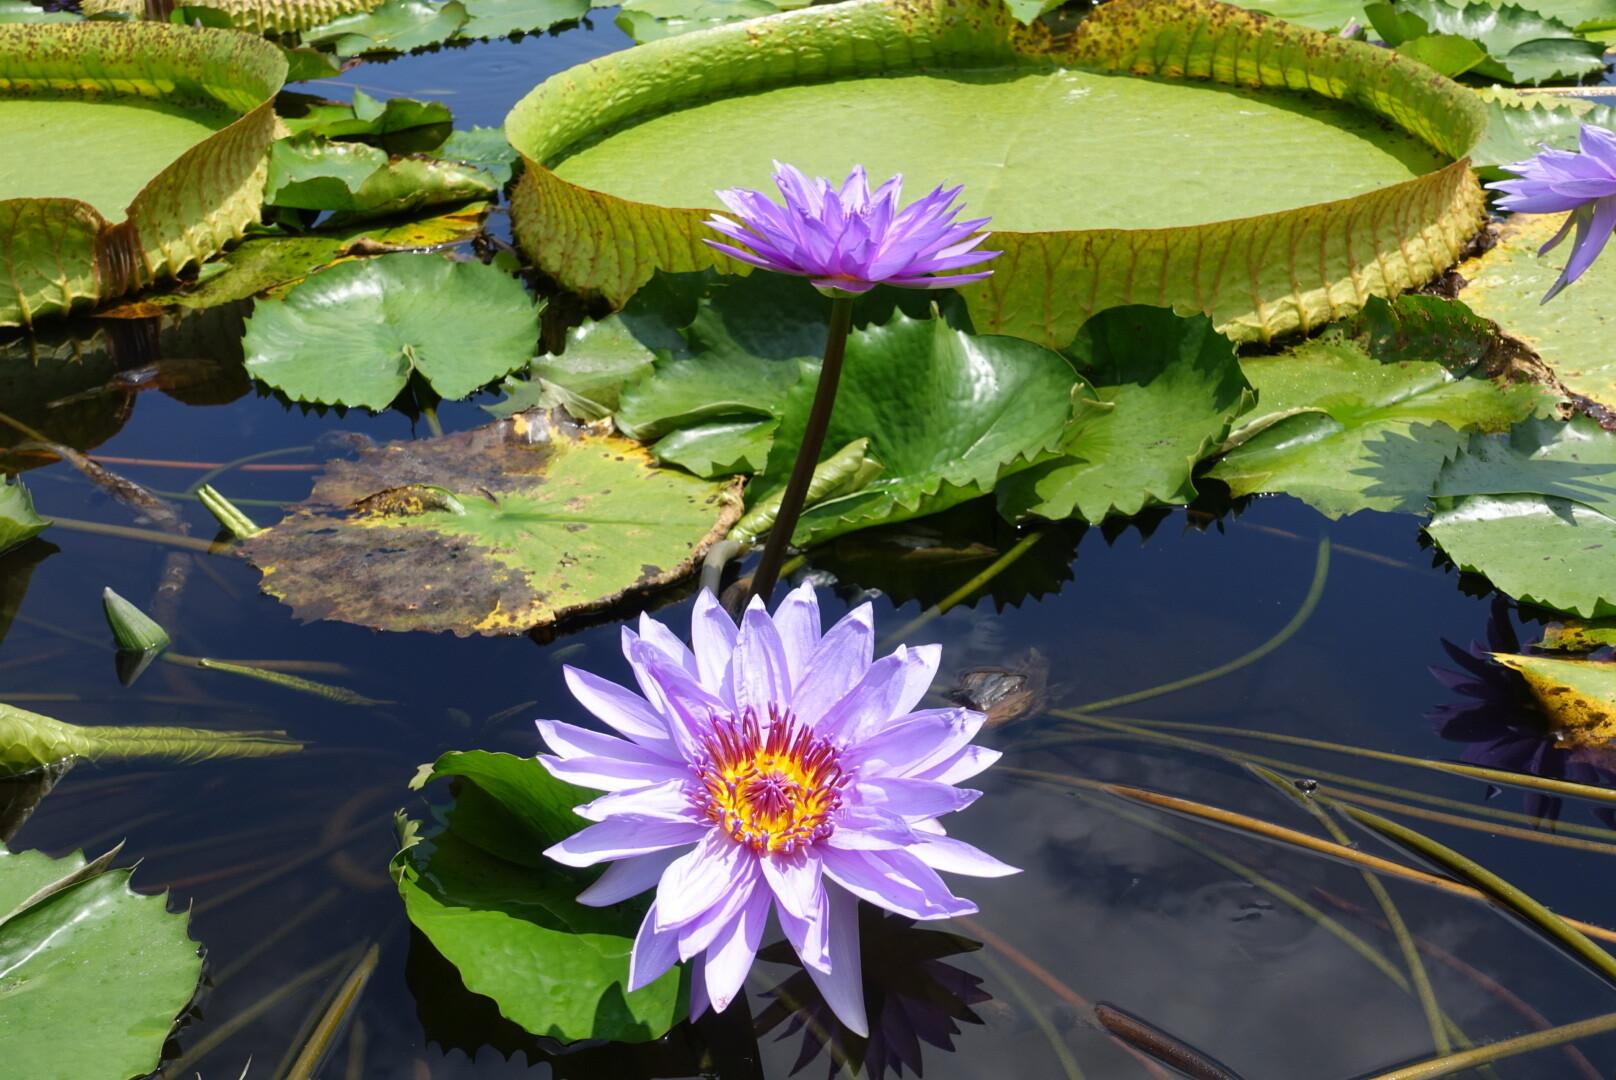 【花蓮吉安】蓮城蓮花園 免費蓮花茶暢飲,滿池盛開的嬌豔荷花